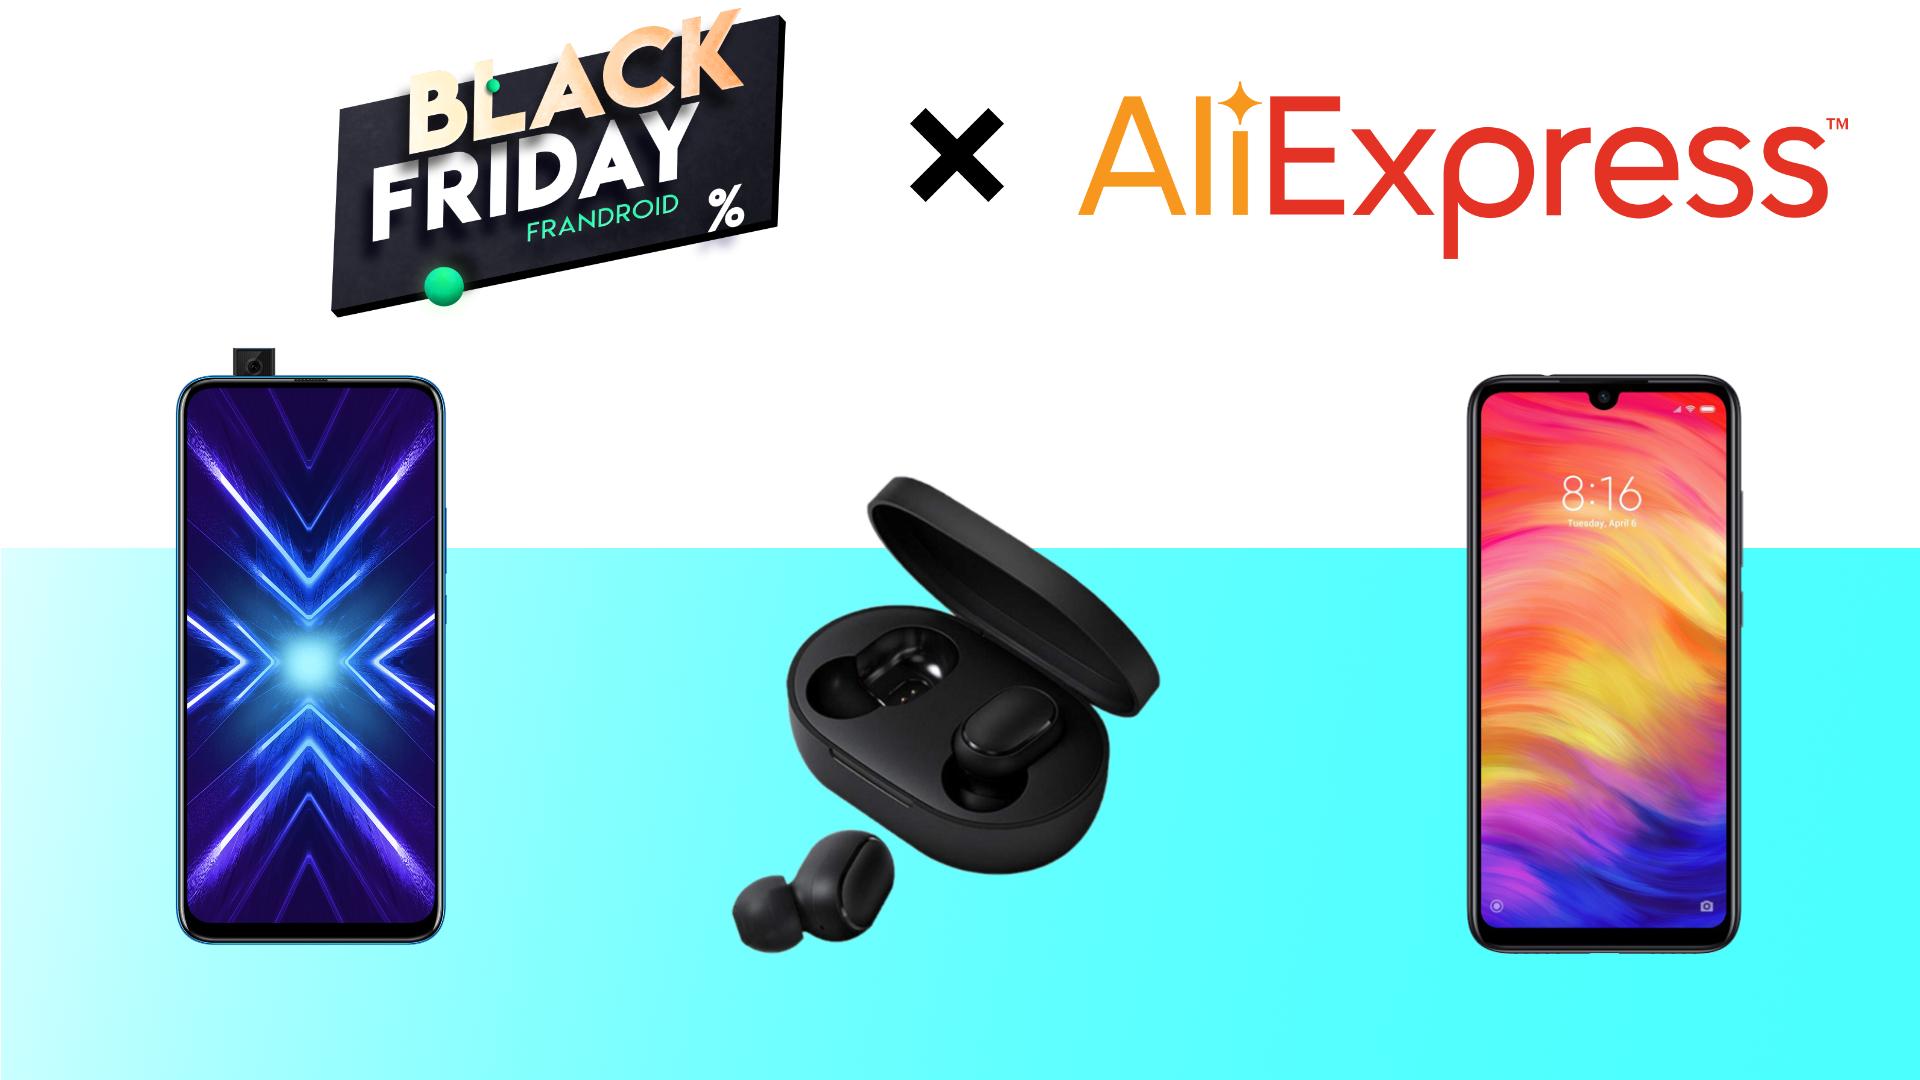 Pour le Cyber Monday AliExpress casse les prix : Honor 9X à 162 euros et Redmi Note 7 à 153 euros